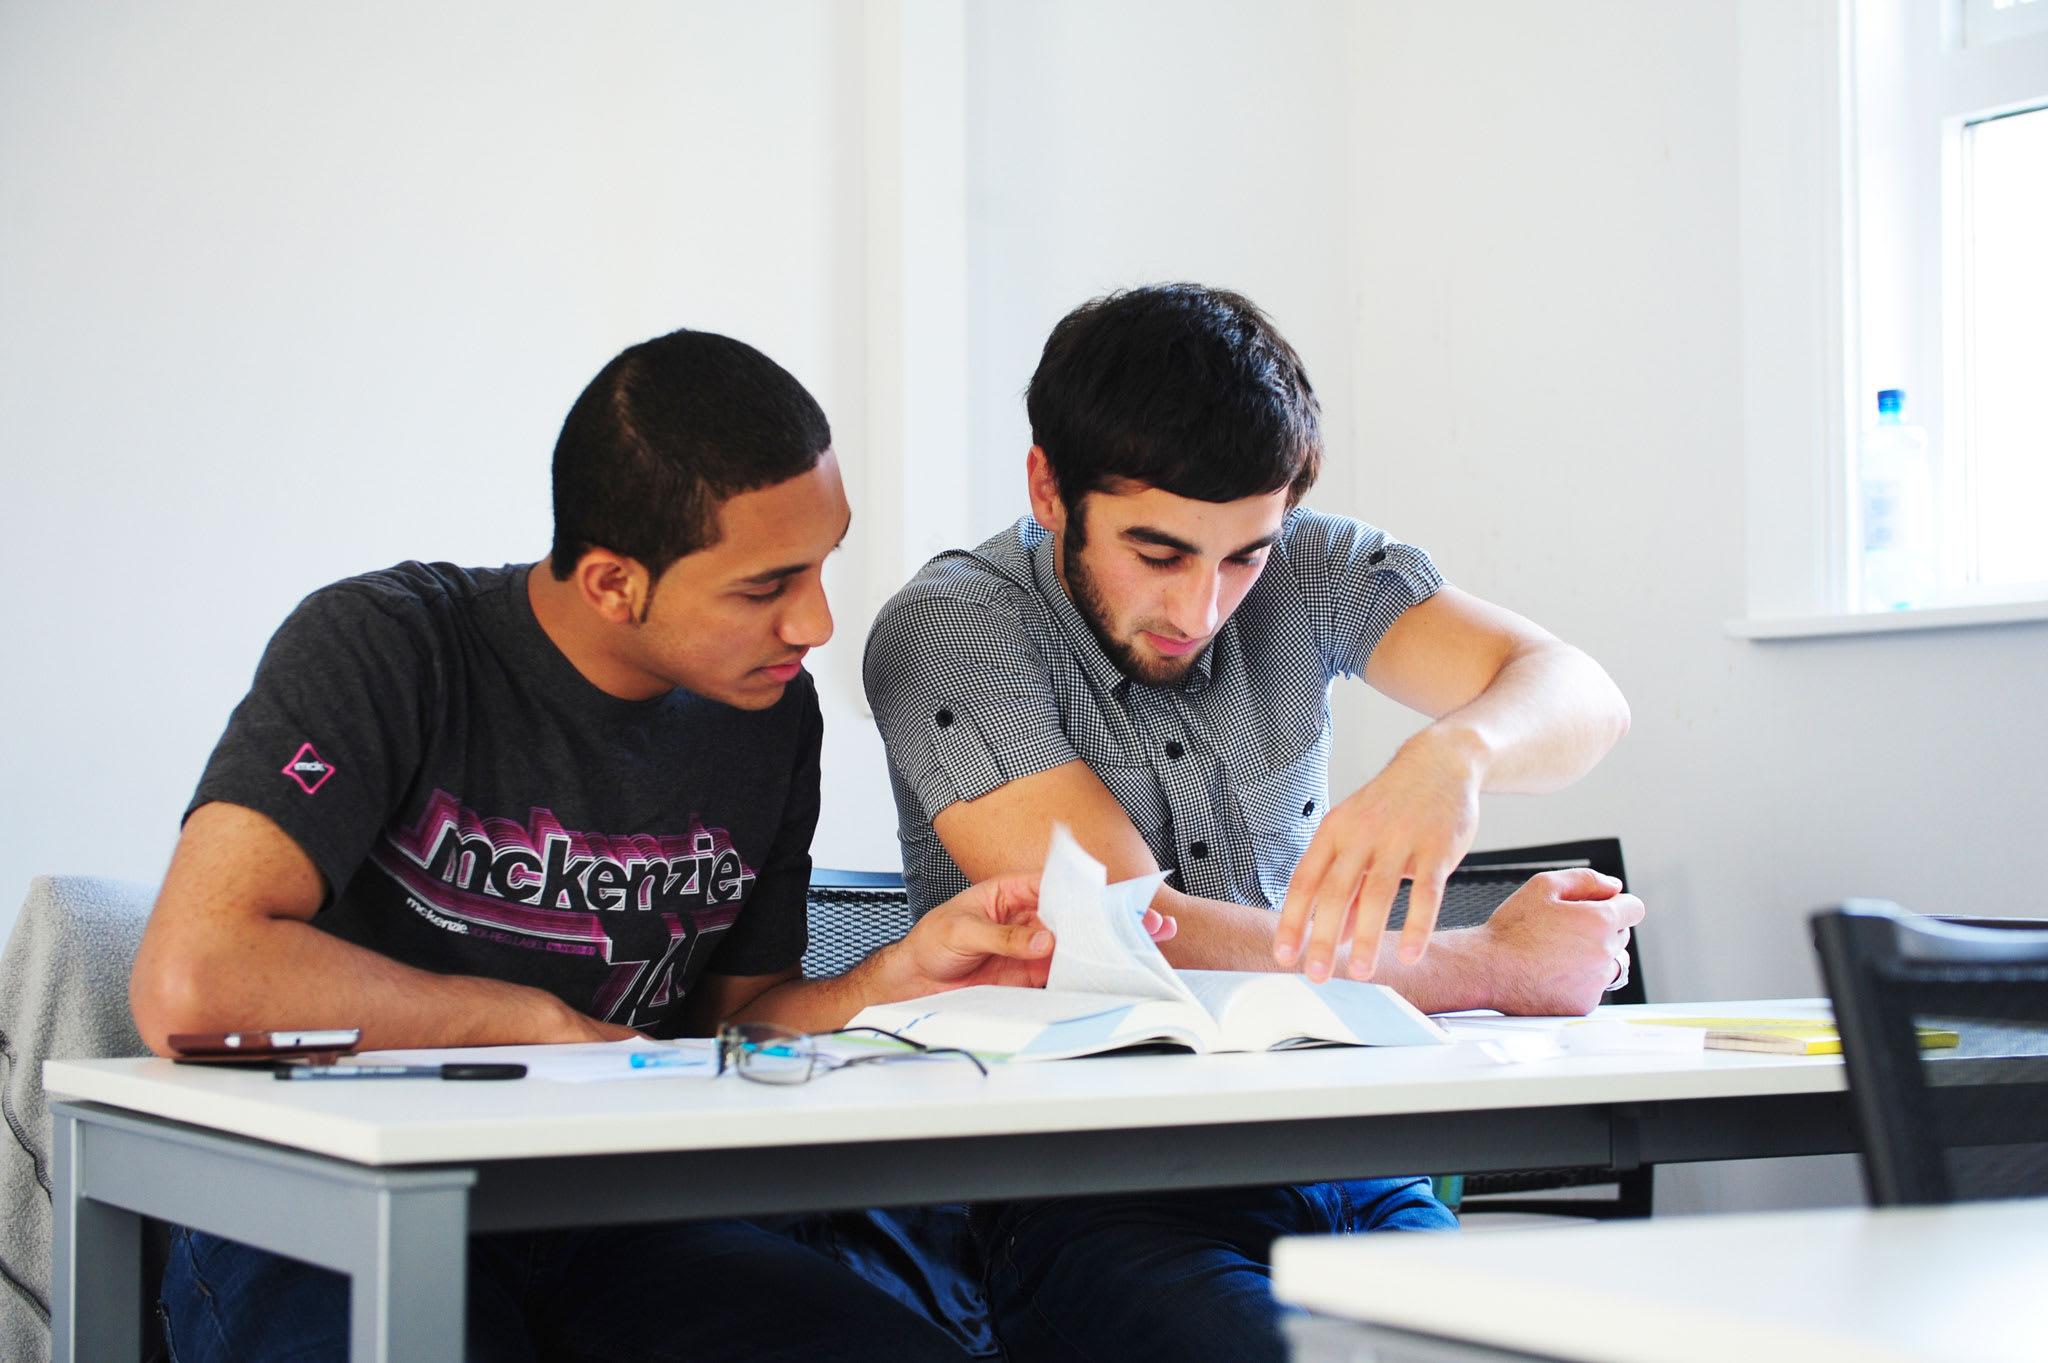 طور مهاراتك في كتابة المقالات قبل بدء دراستك للحصول على الدرجة